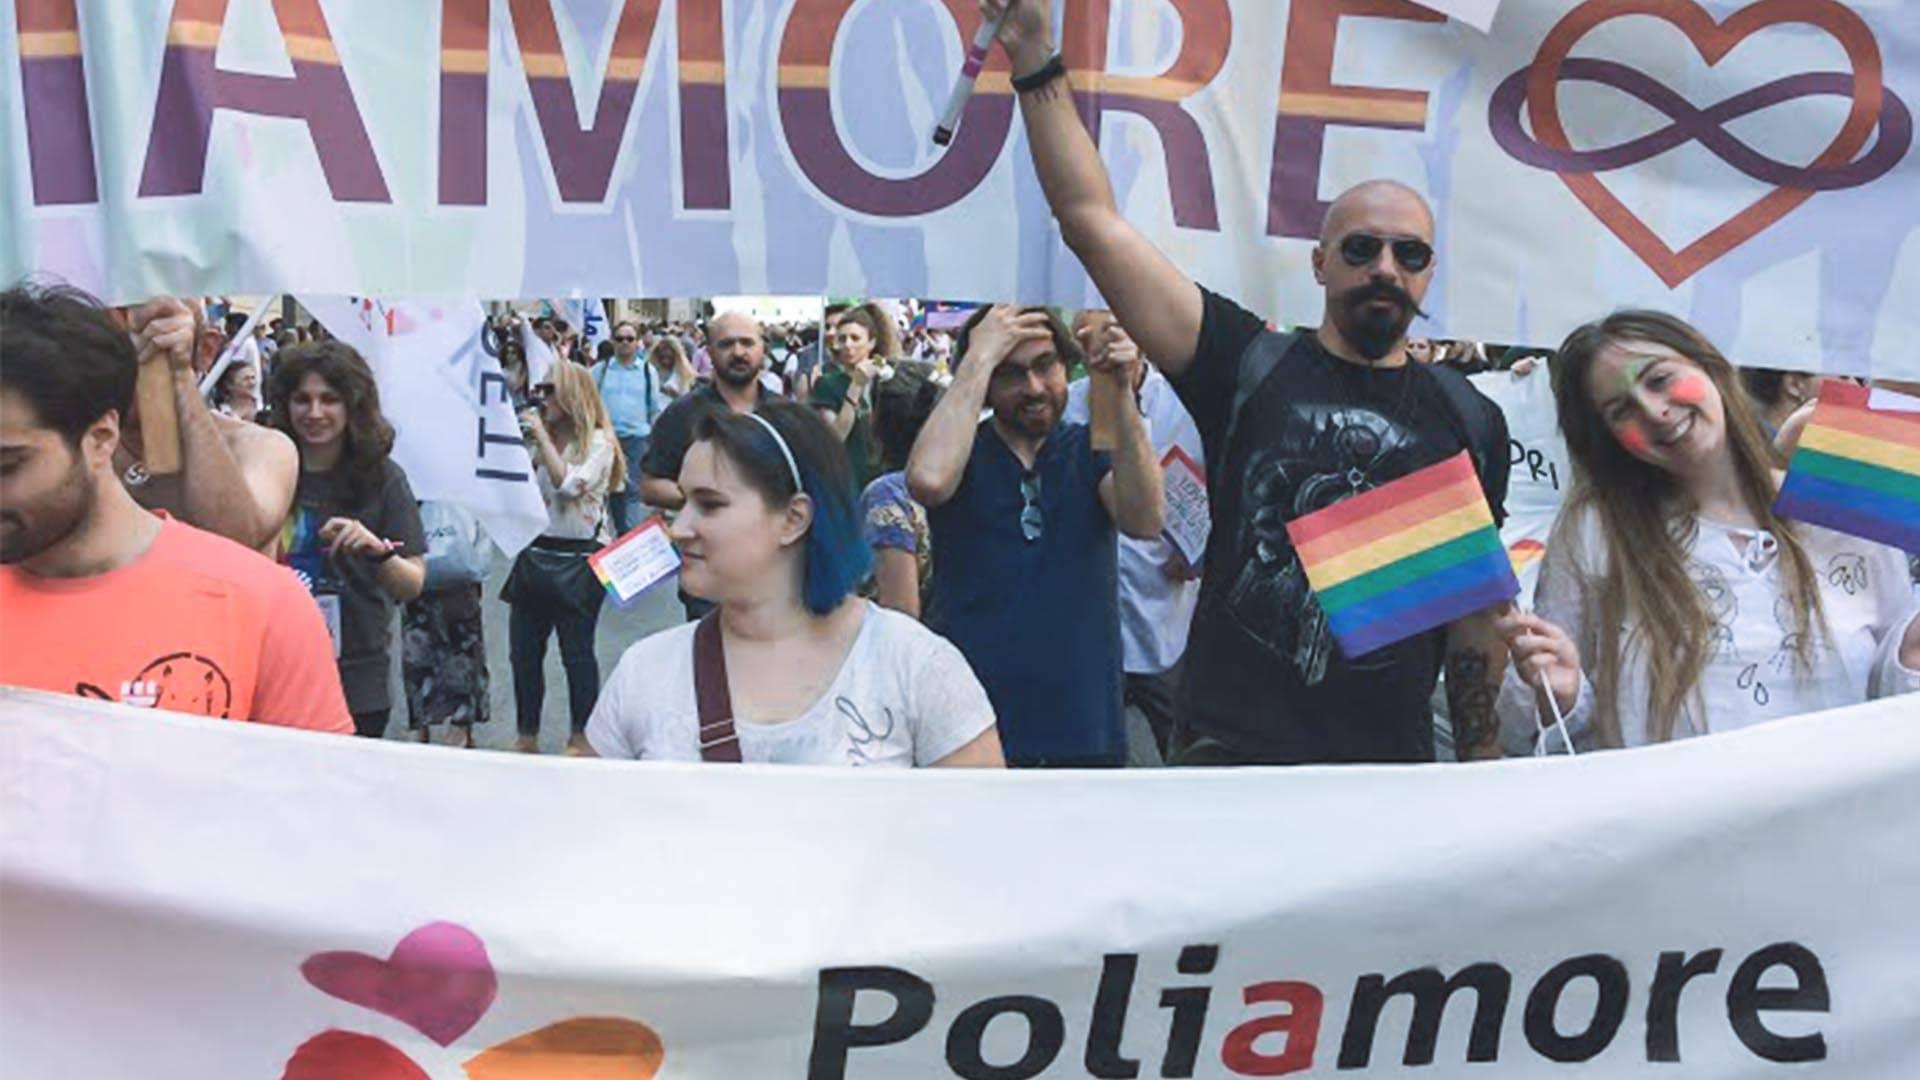 Il corteo del poliamore al Roma Pride